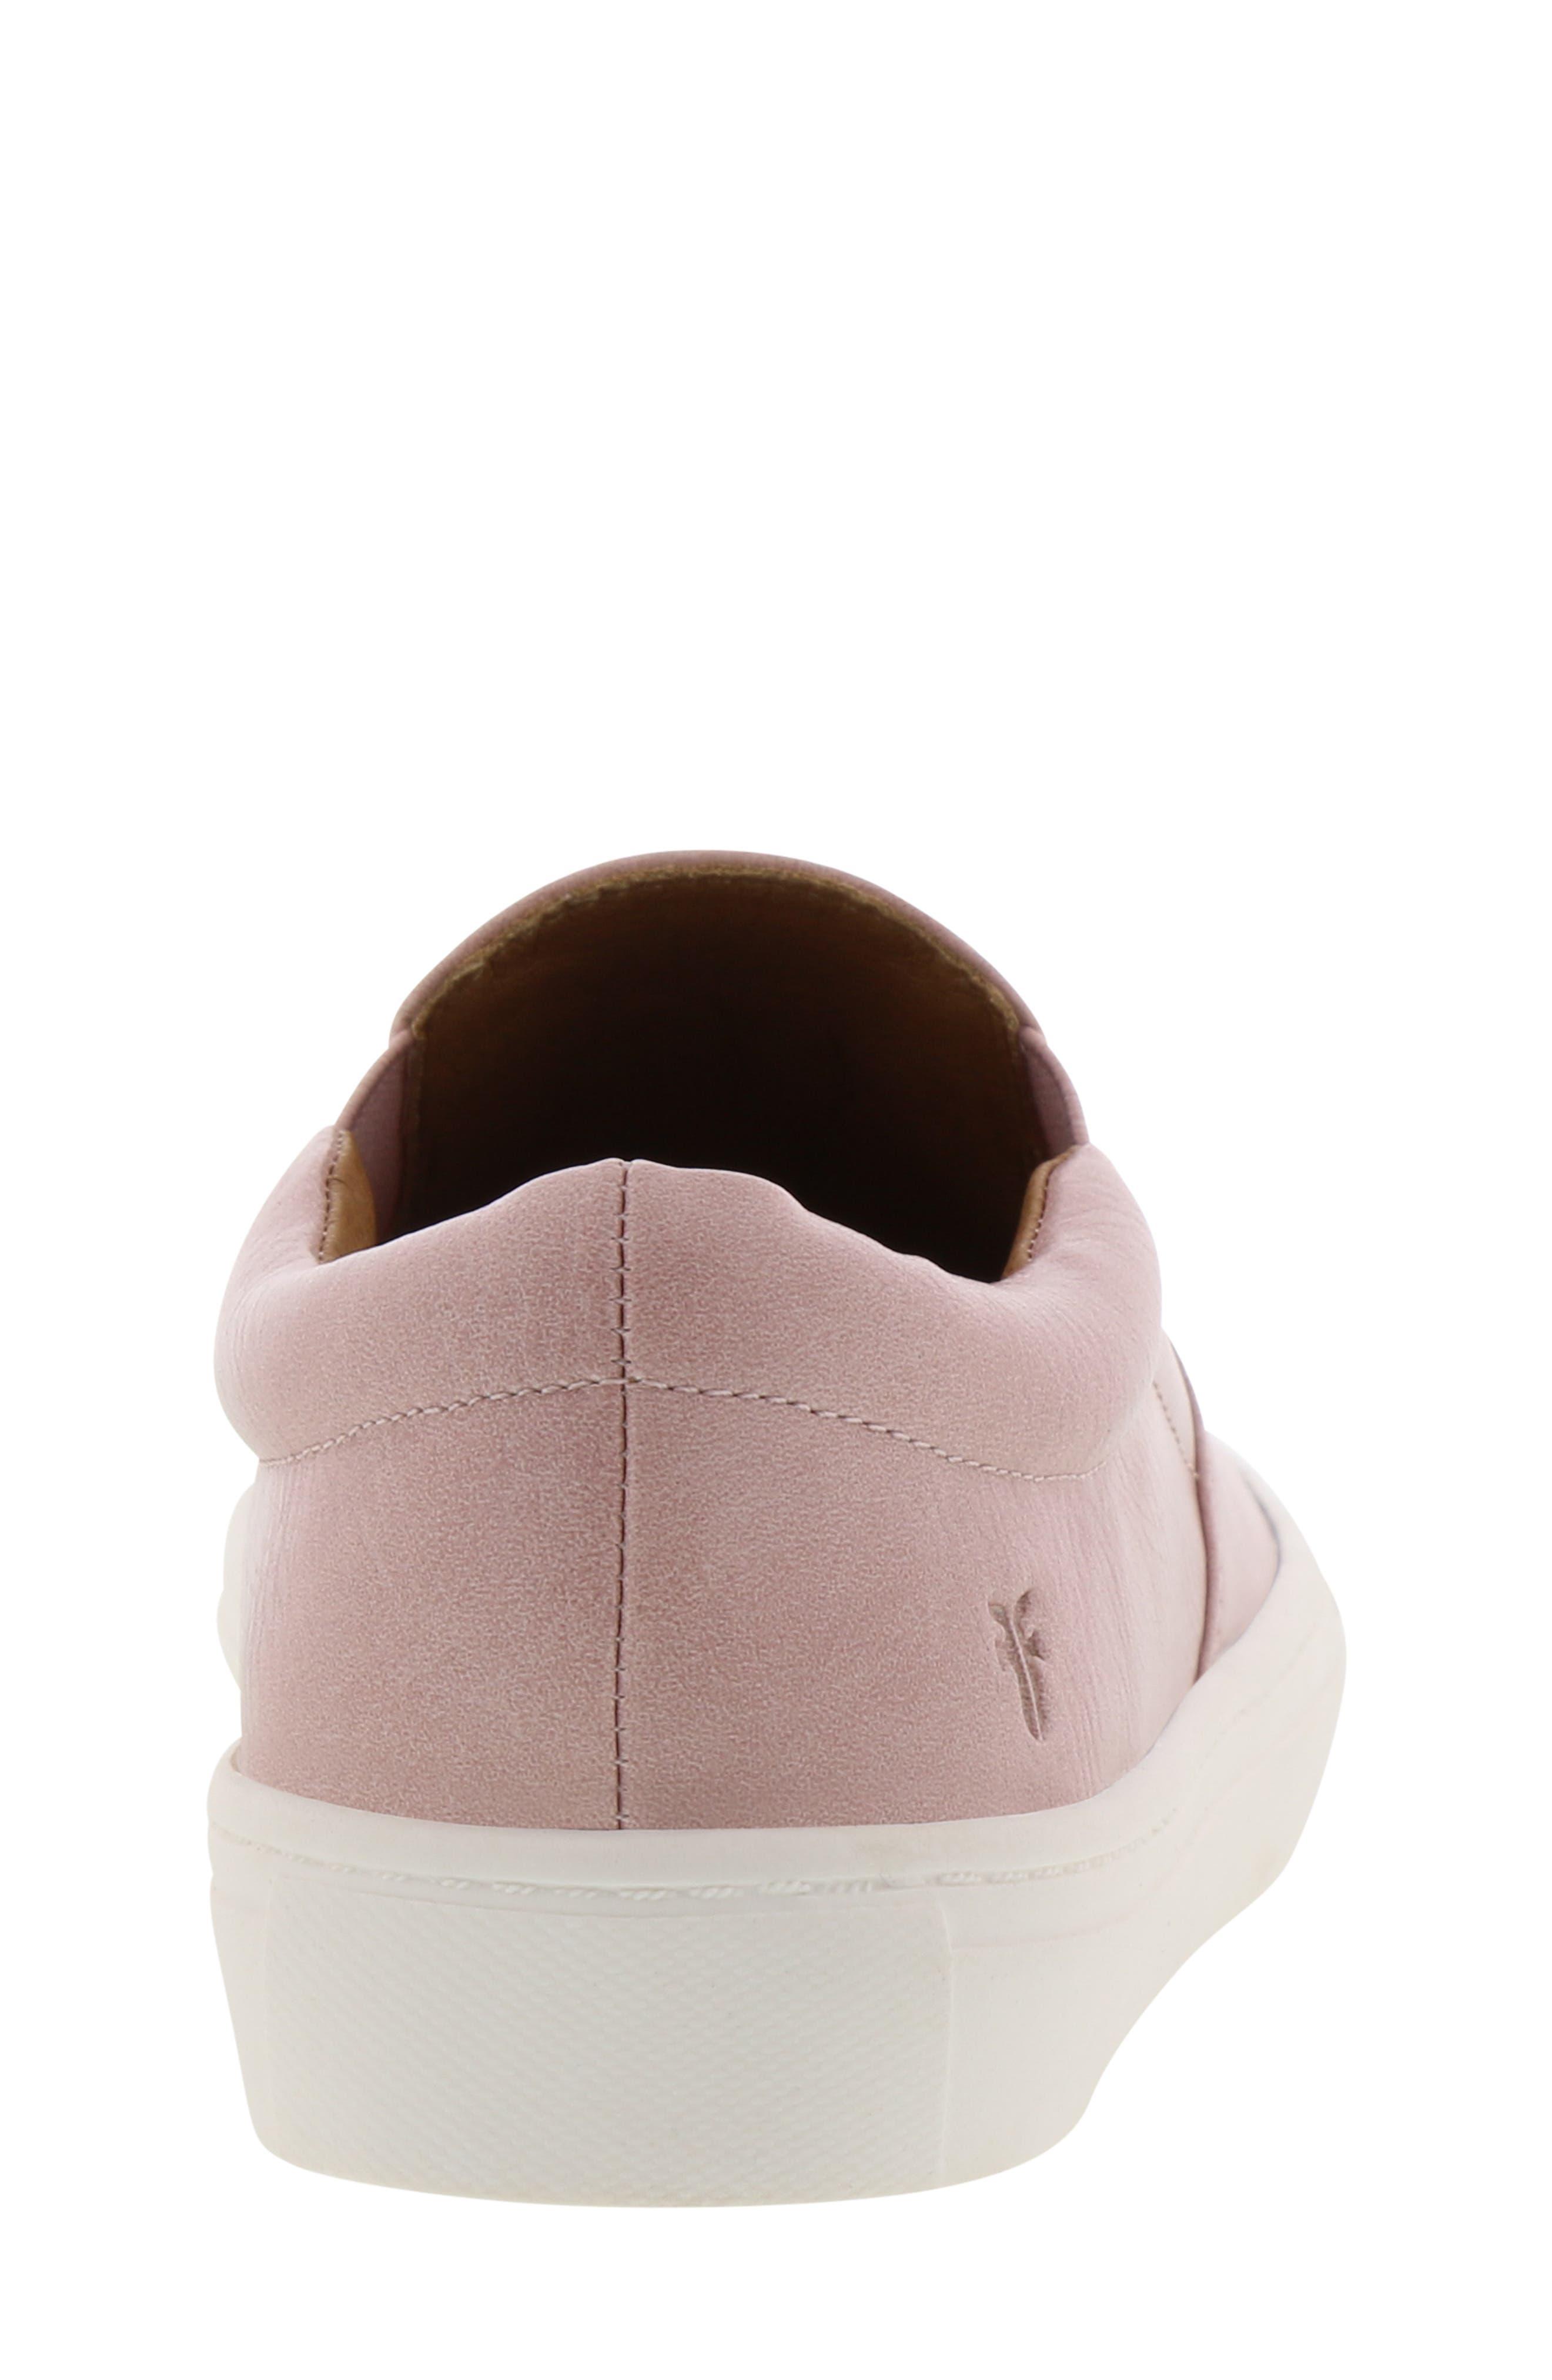 FRYE, Lena Studded Sneaker, Alternate thumbnail 7, color, 686